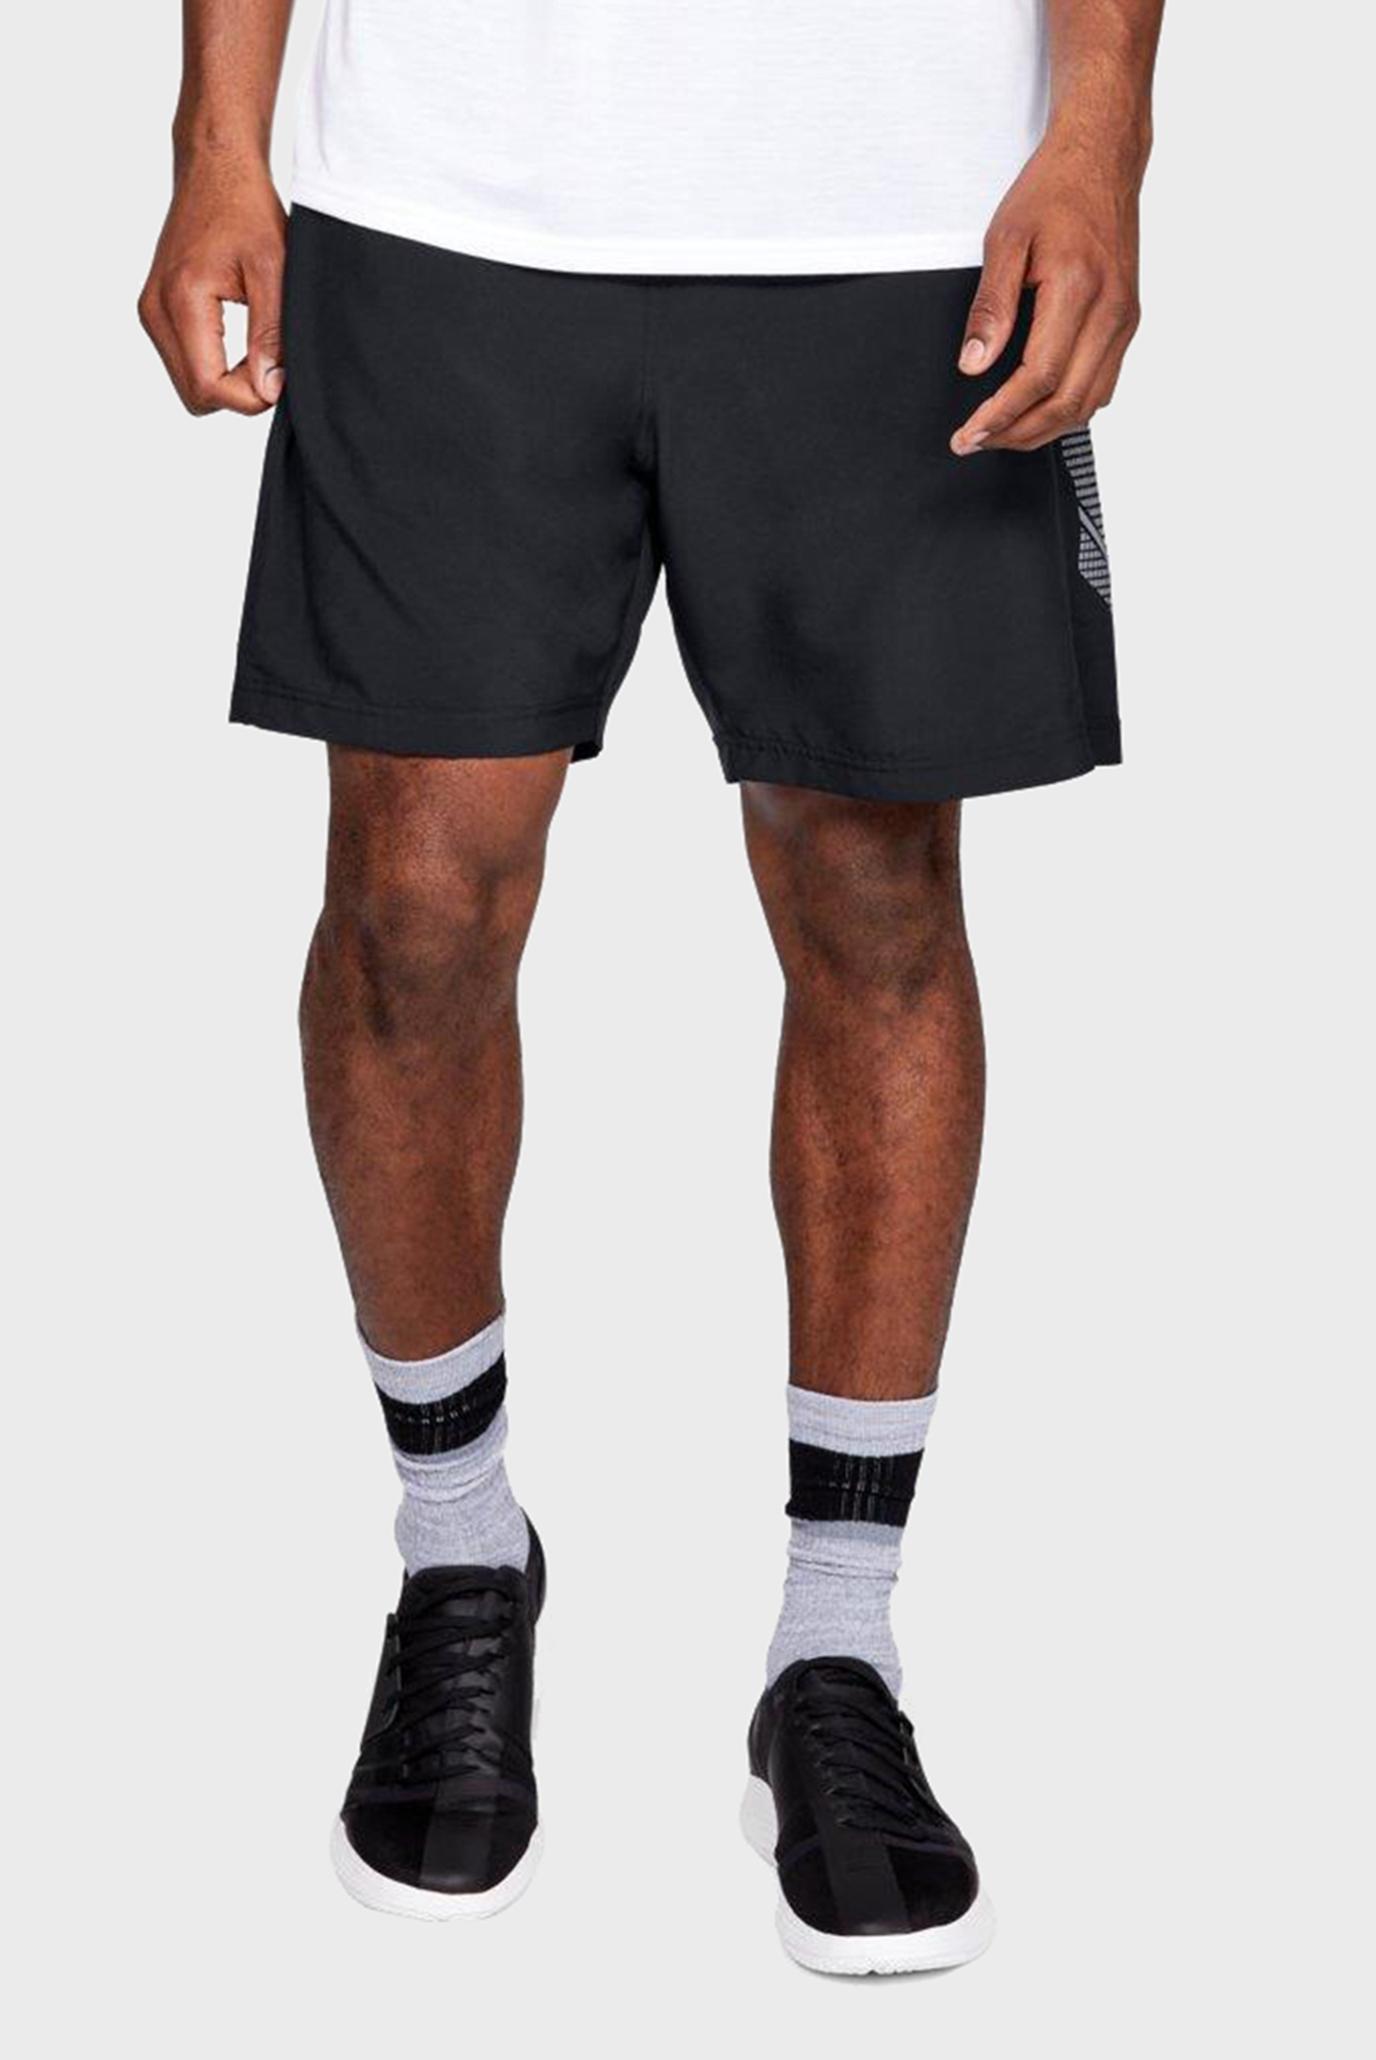 Мужские черные шорты Woven Graphic Short Under Armour